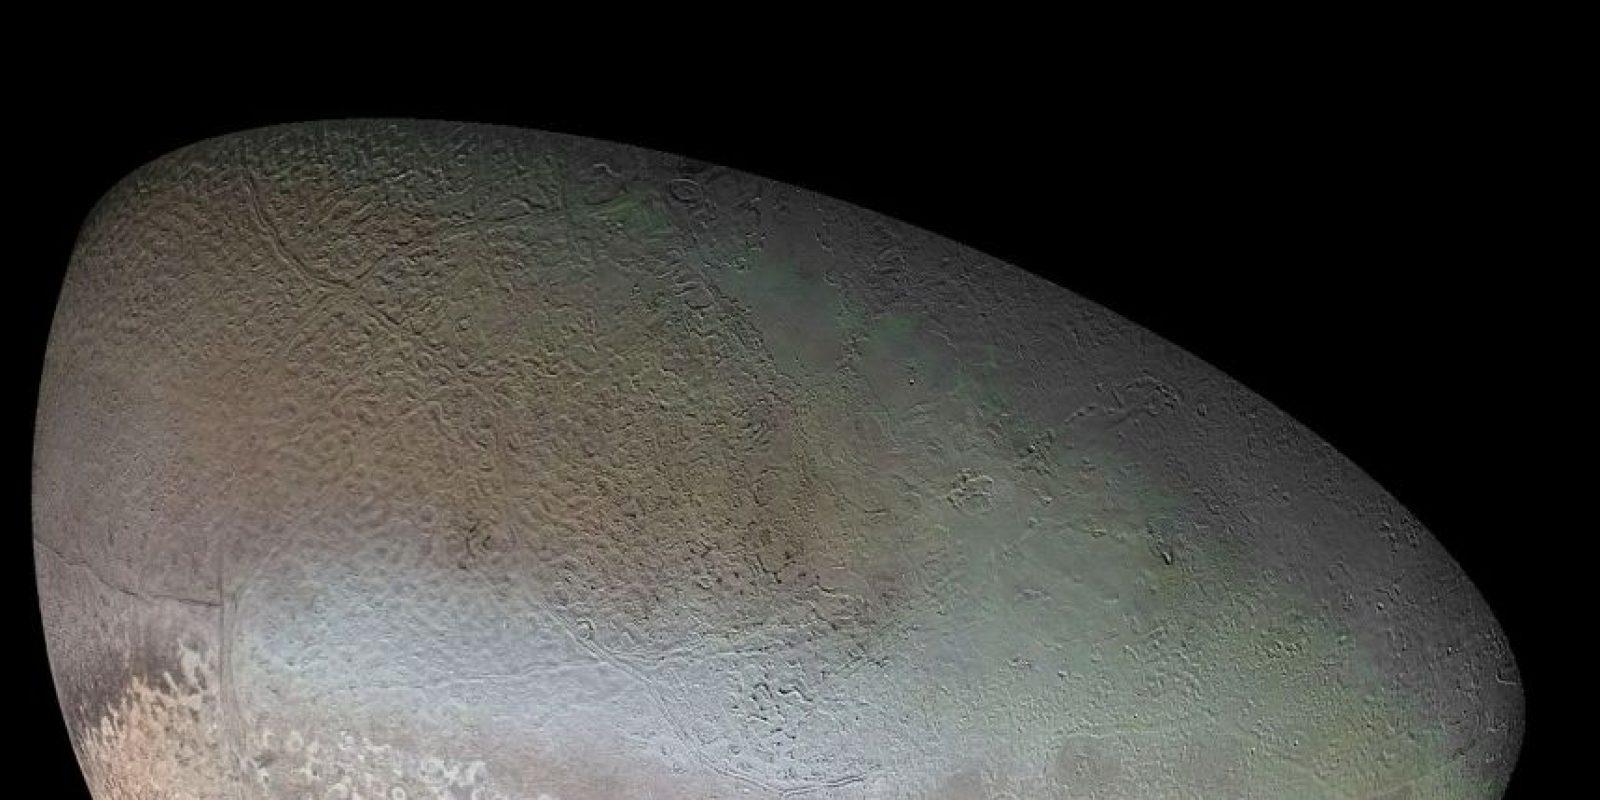 Tritón, luna de Neptuno. Los géiseres activos en Triton arrojan gas nitrógeno, haciendo de esta luna uno de los mundos activos conocidos en el sistema solar exterior. Las características volcánicas y fracturas marcan su superficie fría y helada, que son probablemente el resultado del calentamiento de marea pasada. Un océano bajo la superficie en Triton se considera posible, pero no se ha confirmado.